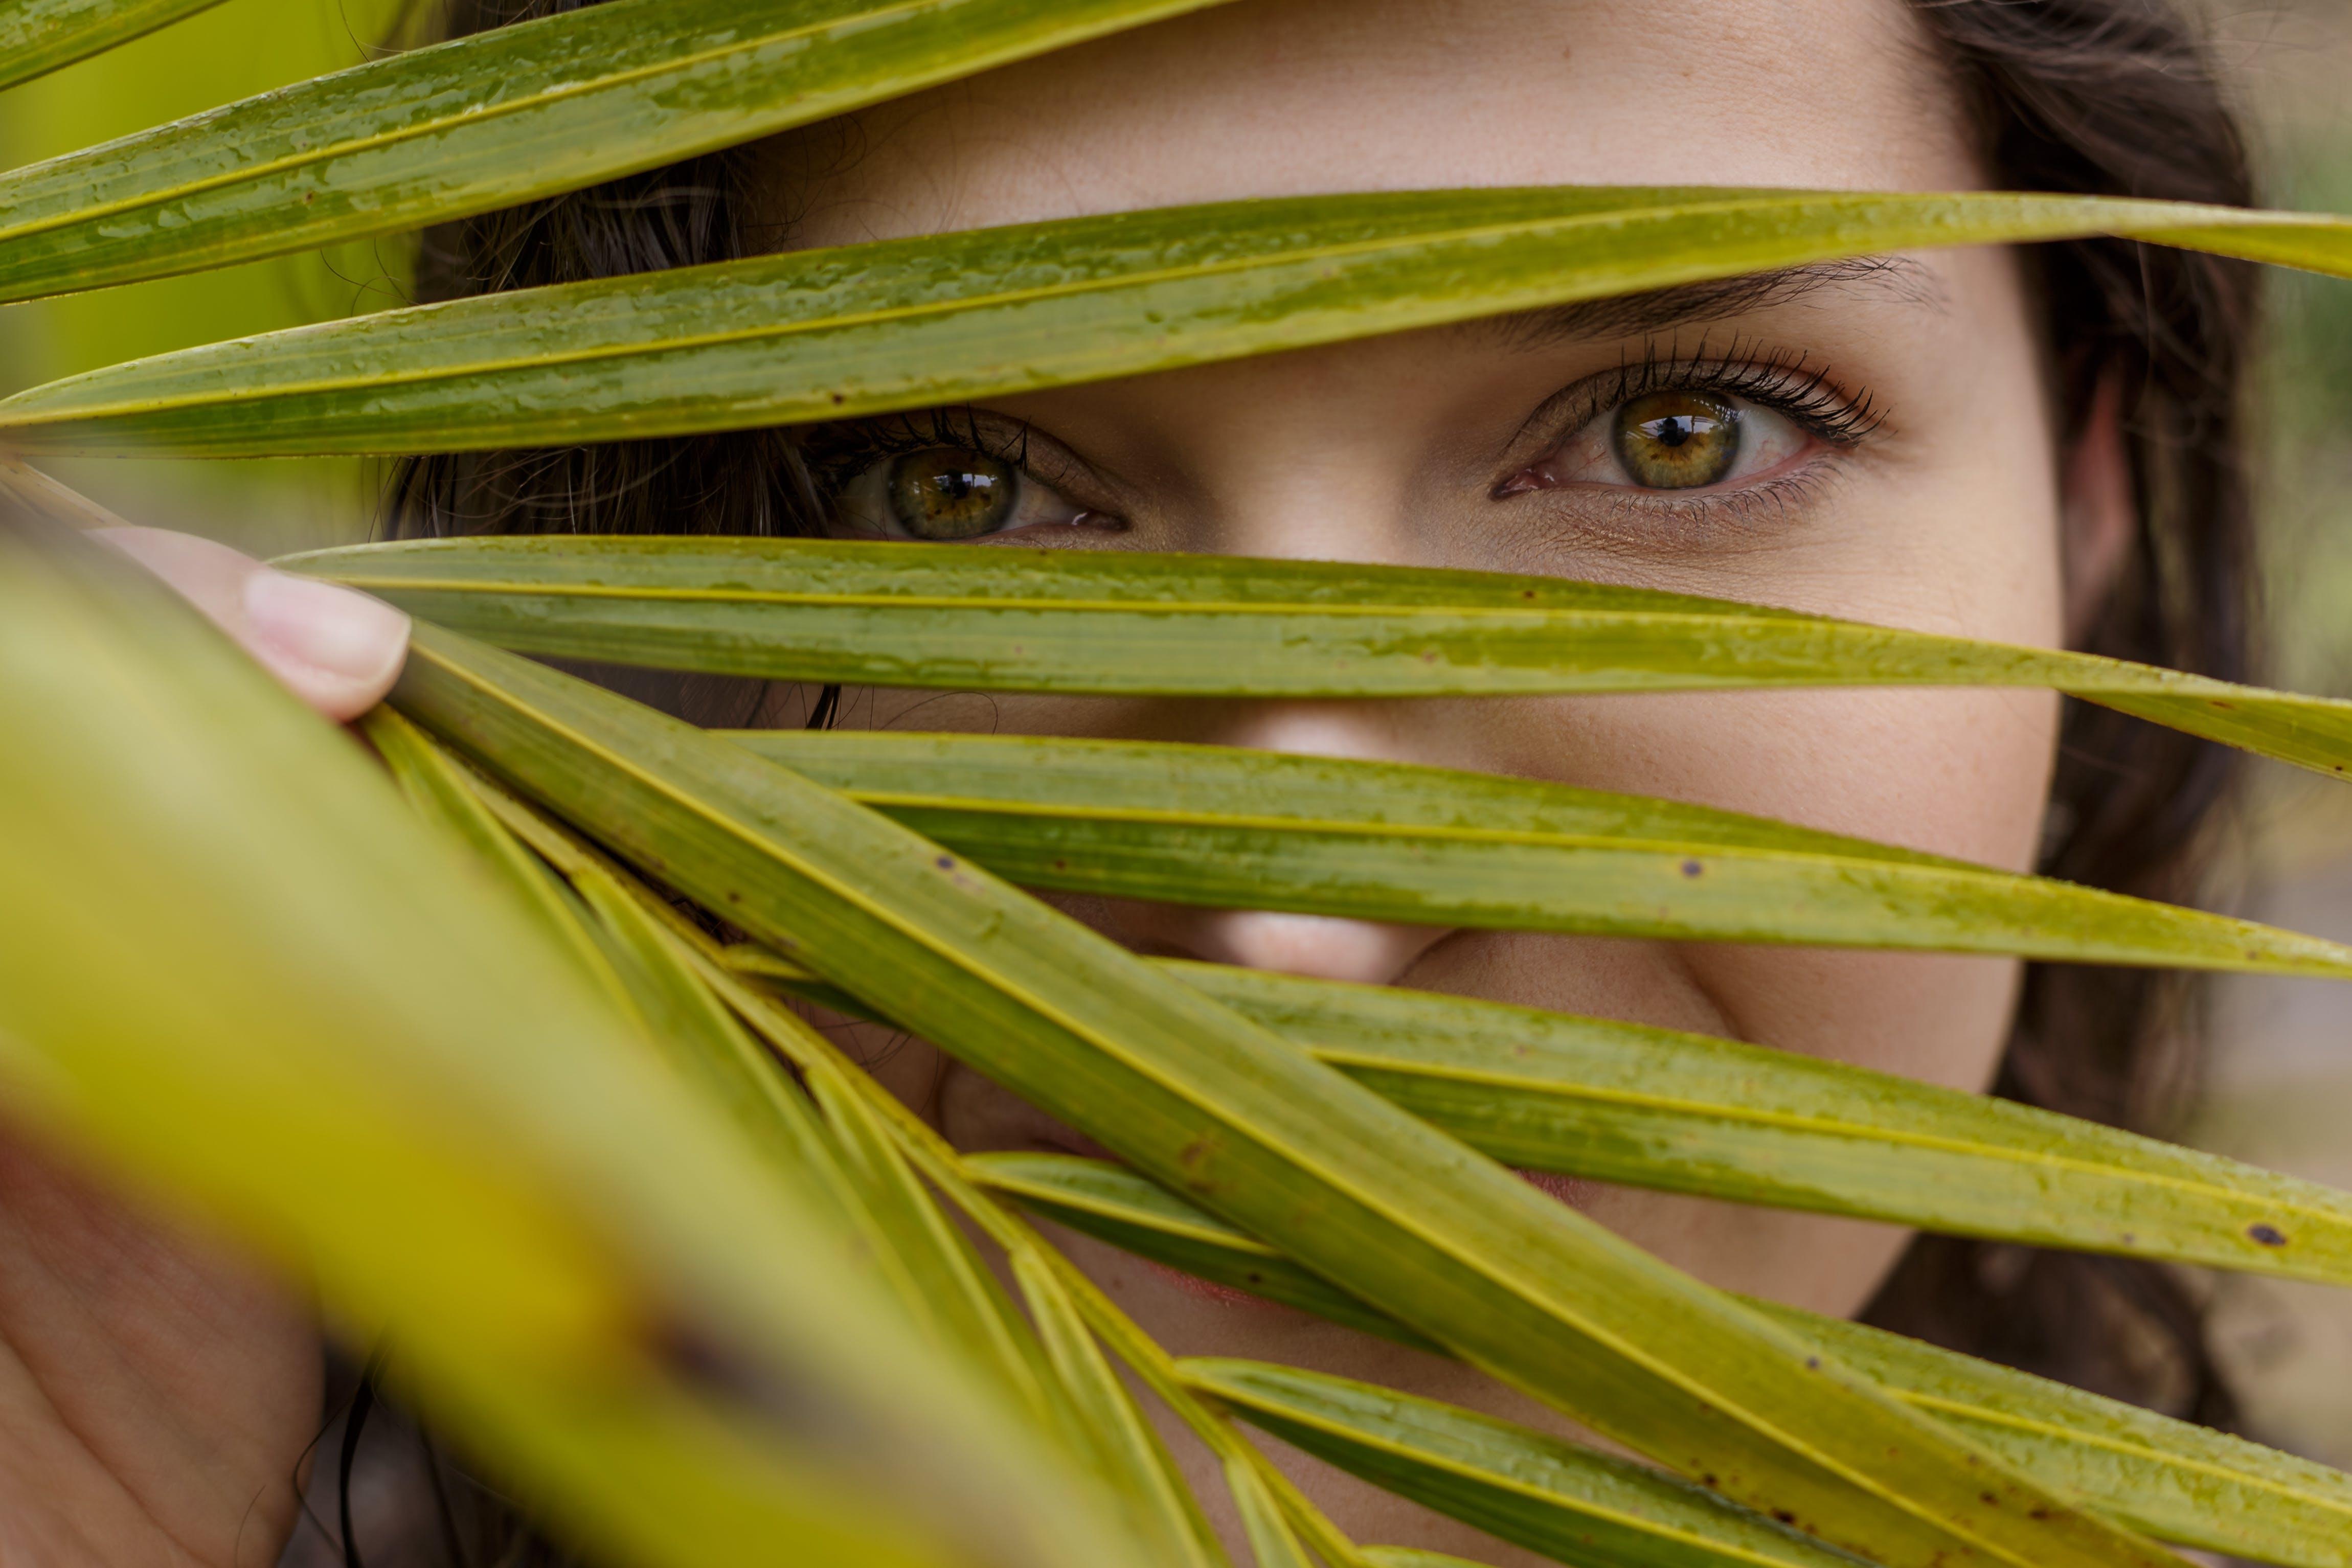 增長, 女人, 明亮, 棕櫚樹葉 的 免費圖庫相片